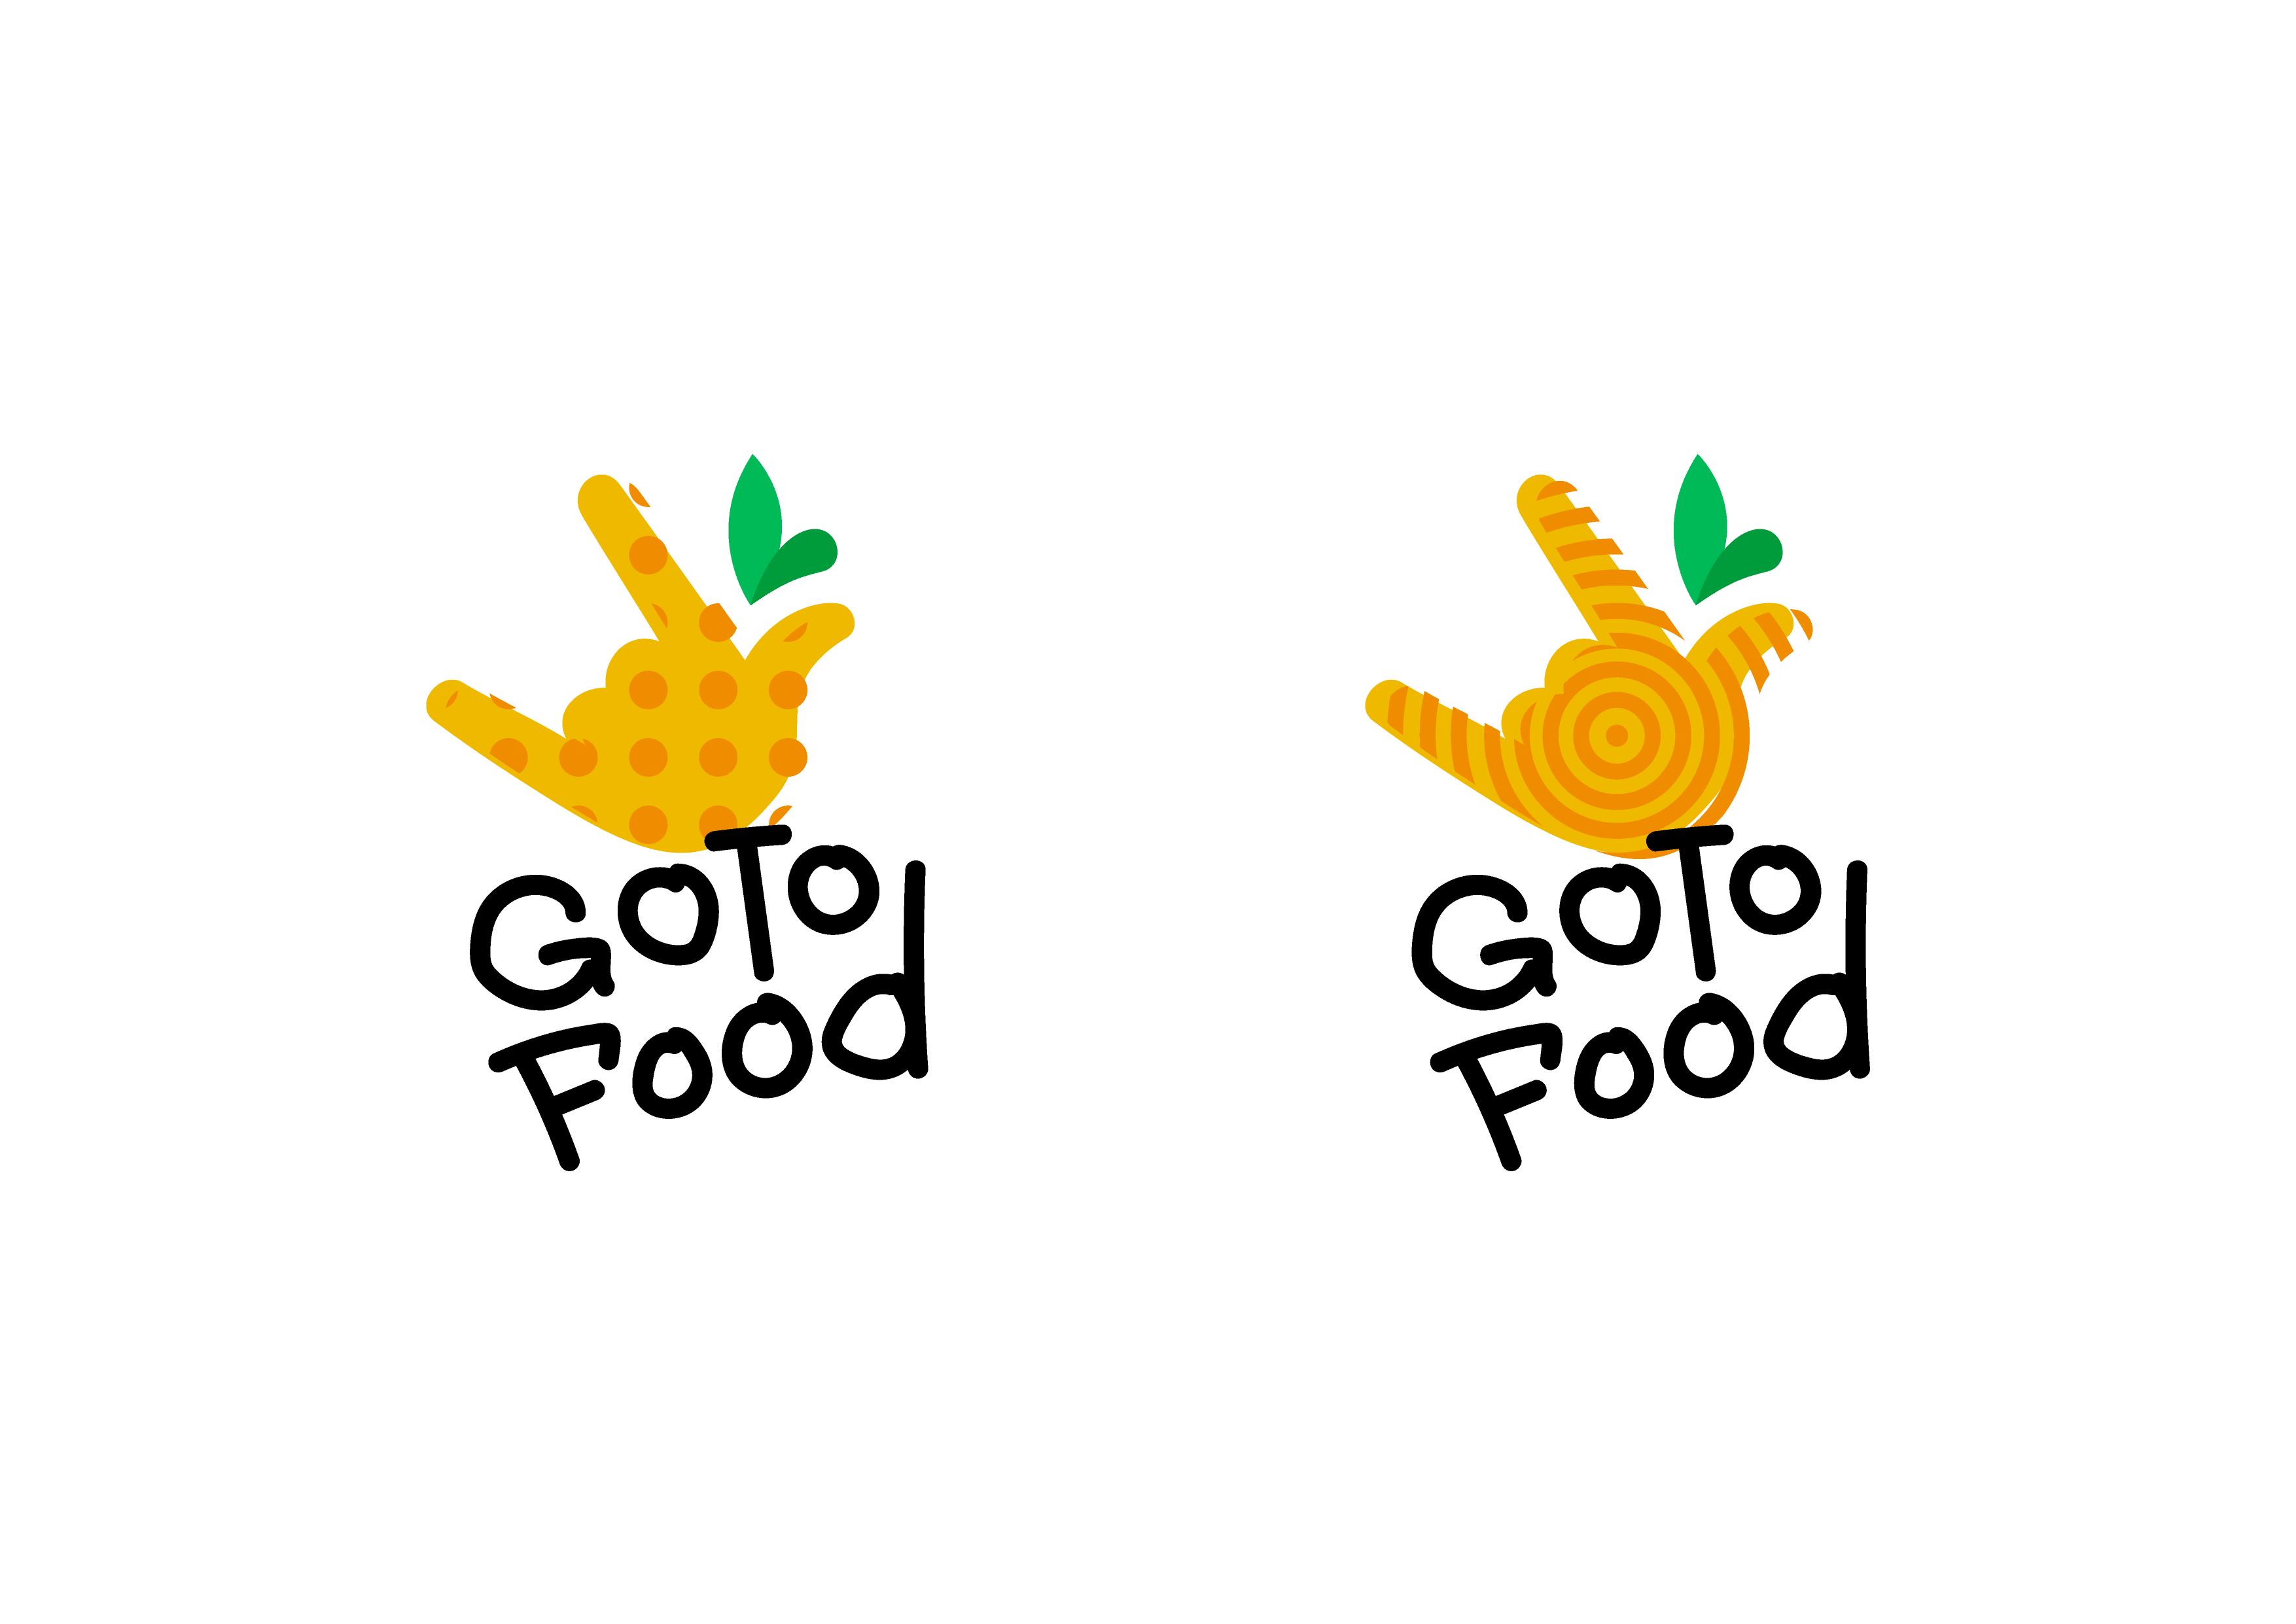 Логотип интернет-магазина здоровой еды фото f_0585cd2d5cbb2c9d.png